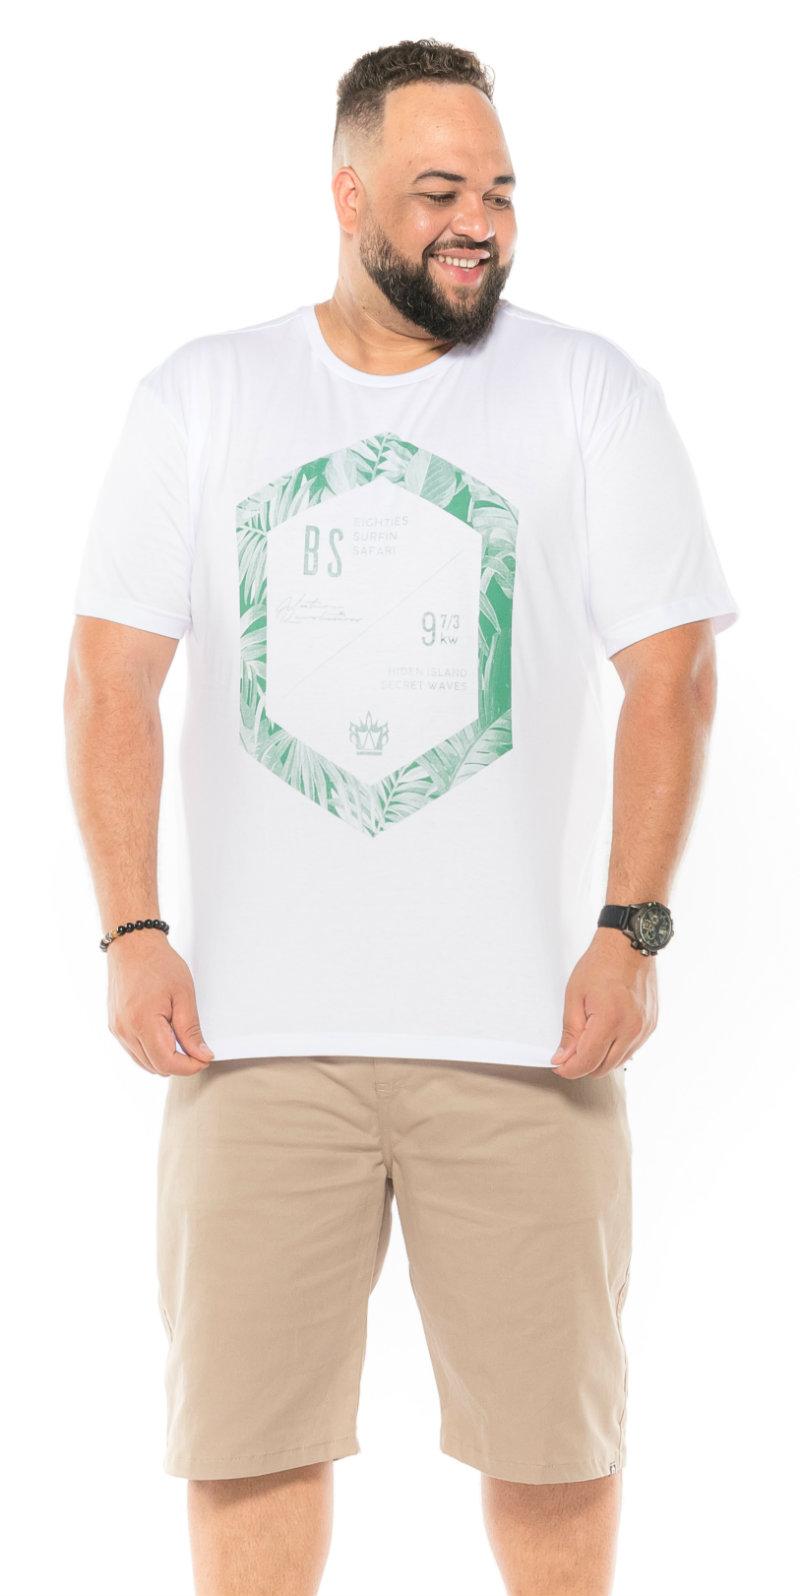 Camiseta plus size estampa BS Branca